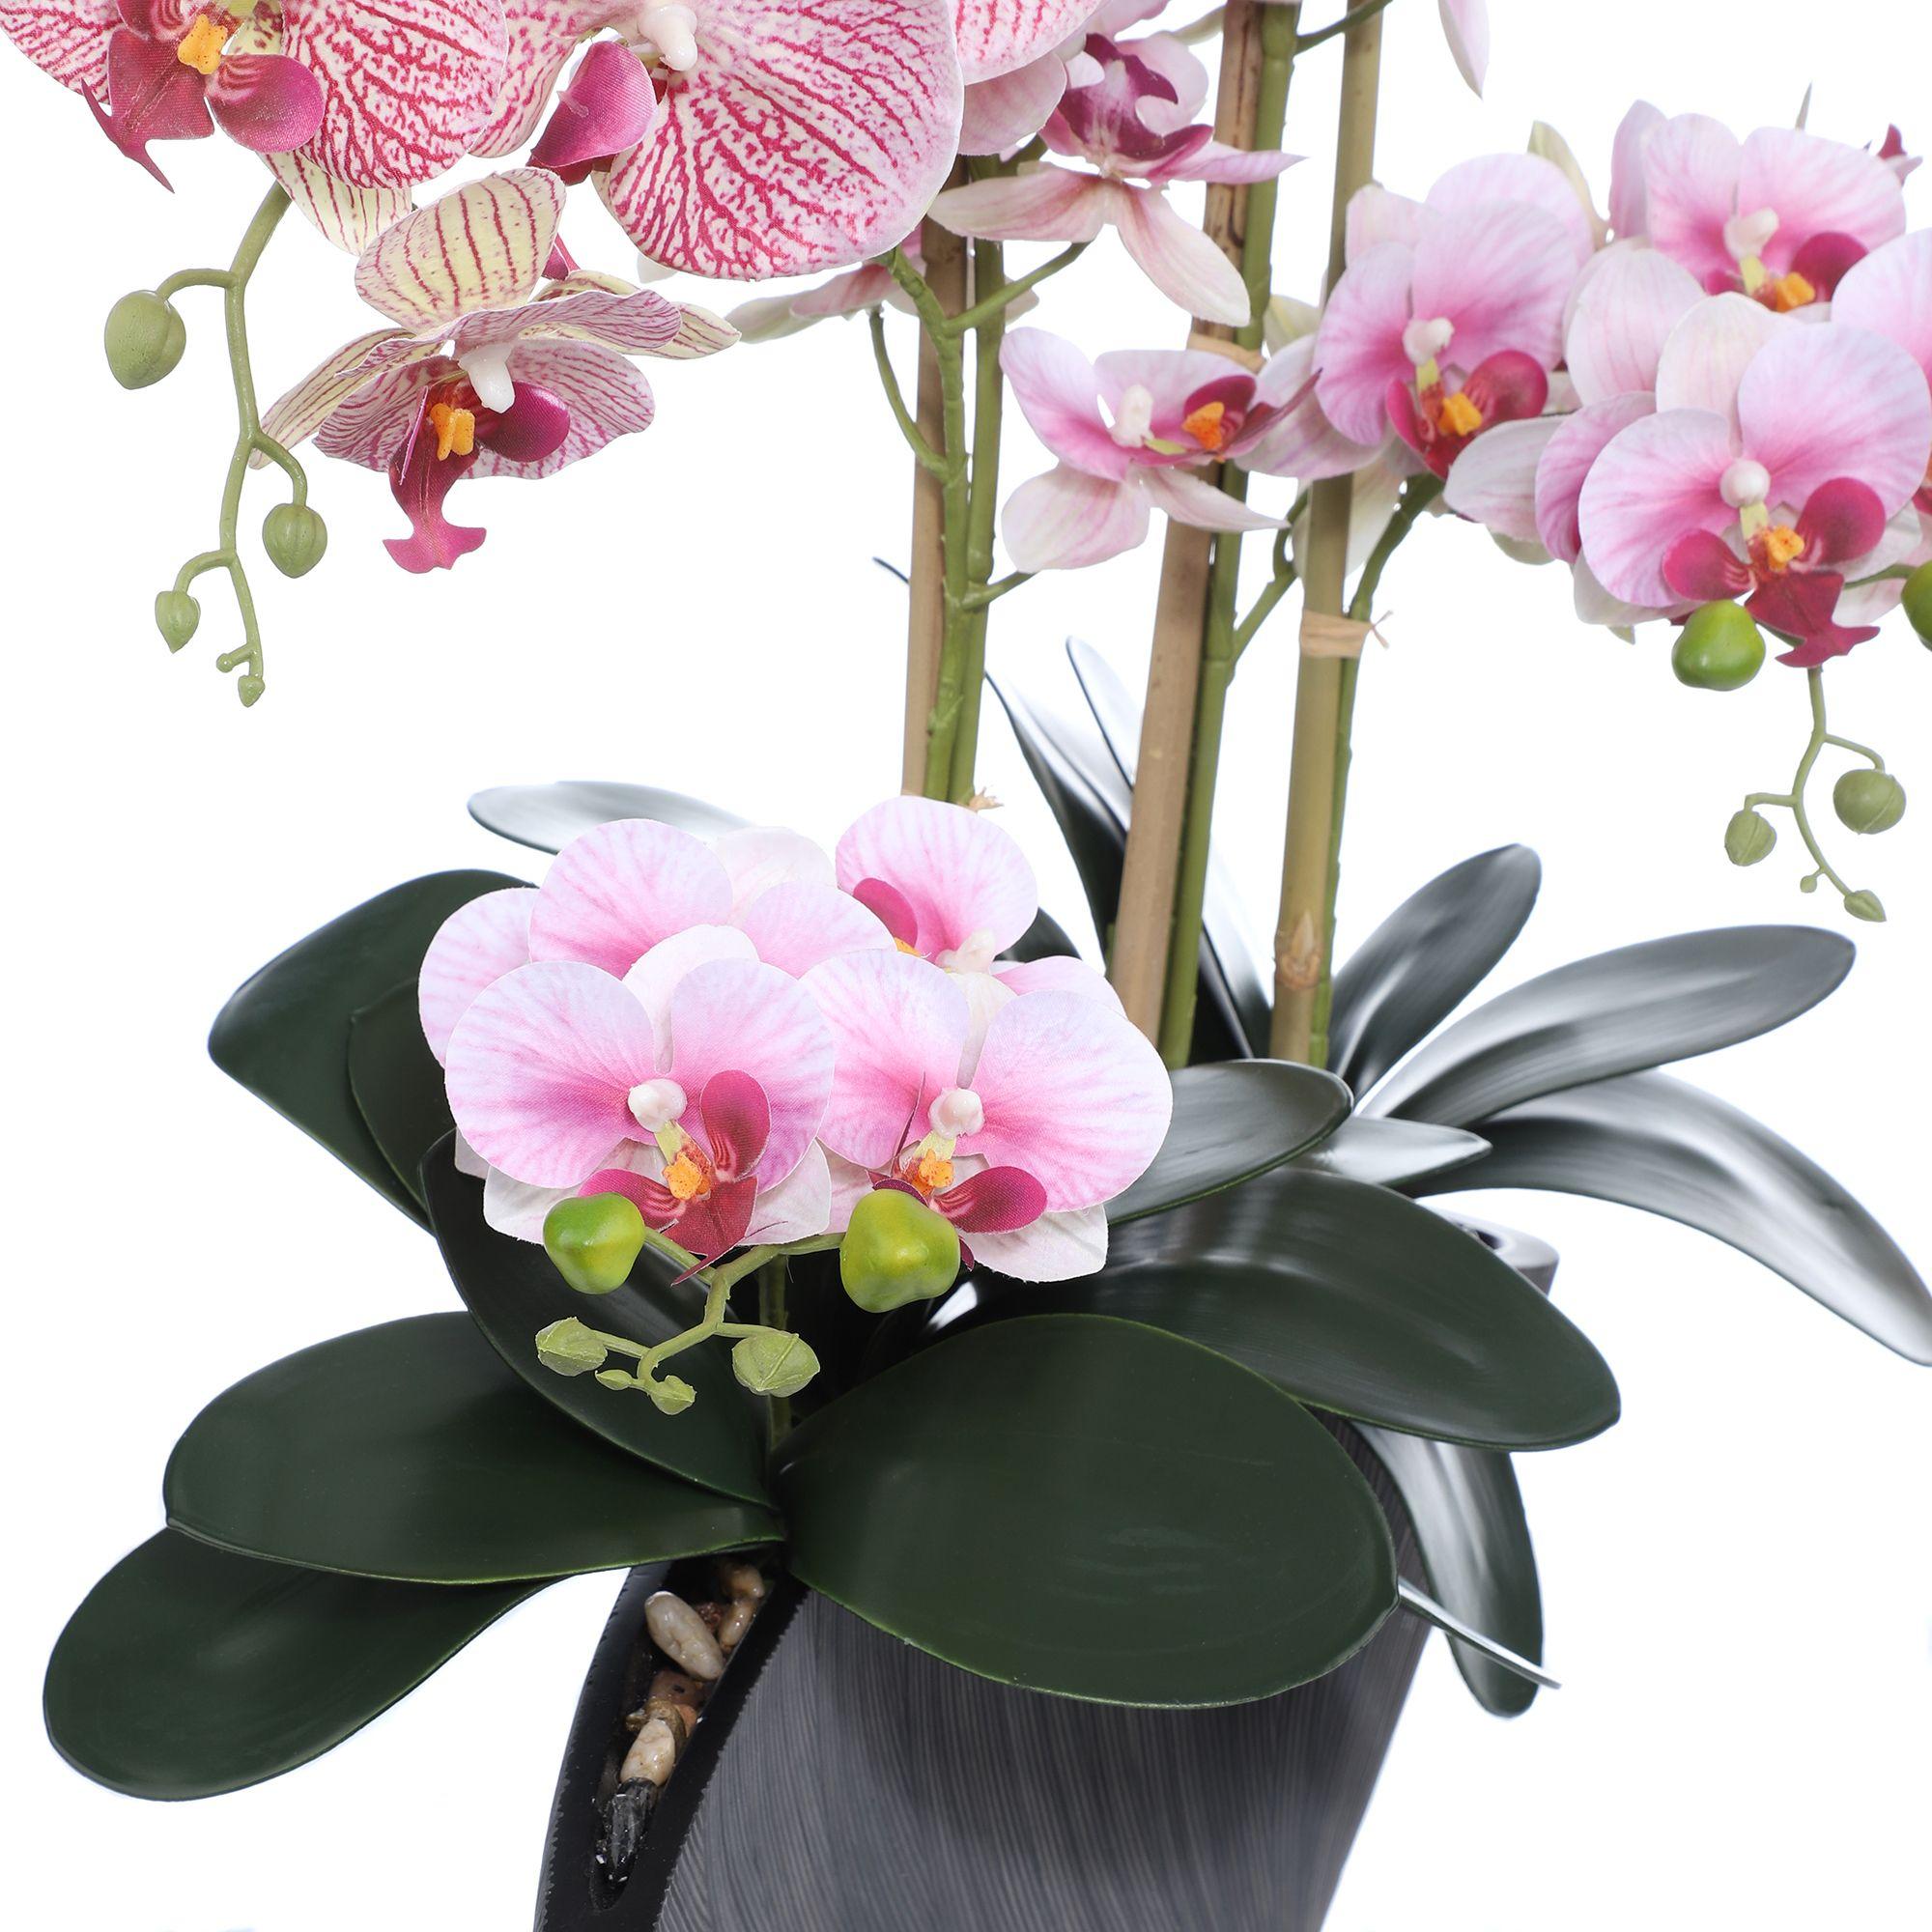 Gartenwerkzeuge aufrecht Stamm-Clips Mini-Stiele Blume ViaGasaFamido 100 St/ück Orchideen-Clips aus Kunststoff Orchideen-Unterst/ützungs-Clips